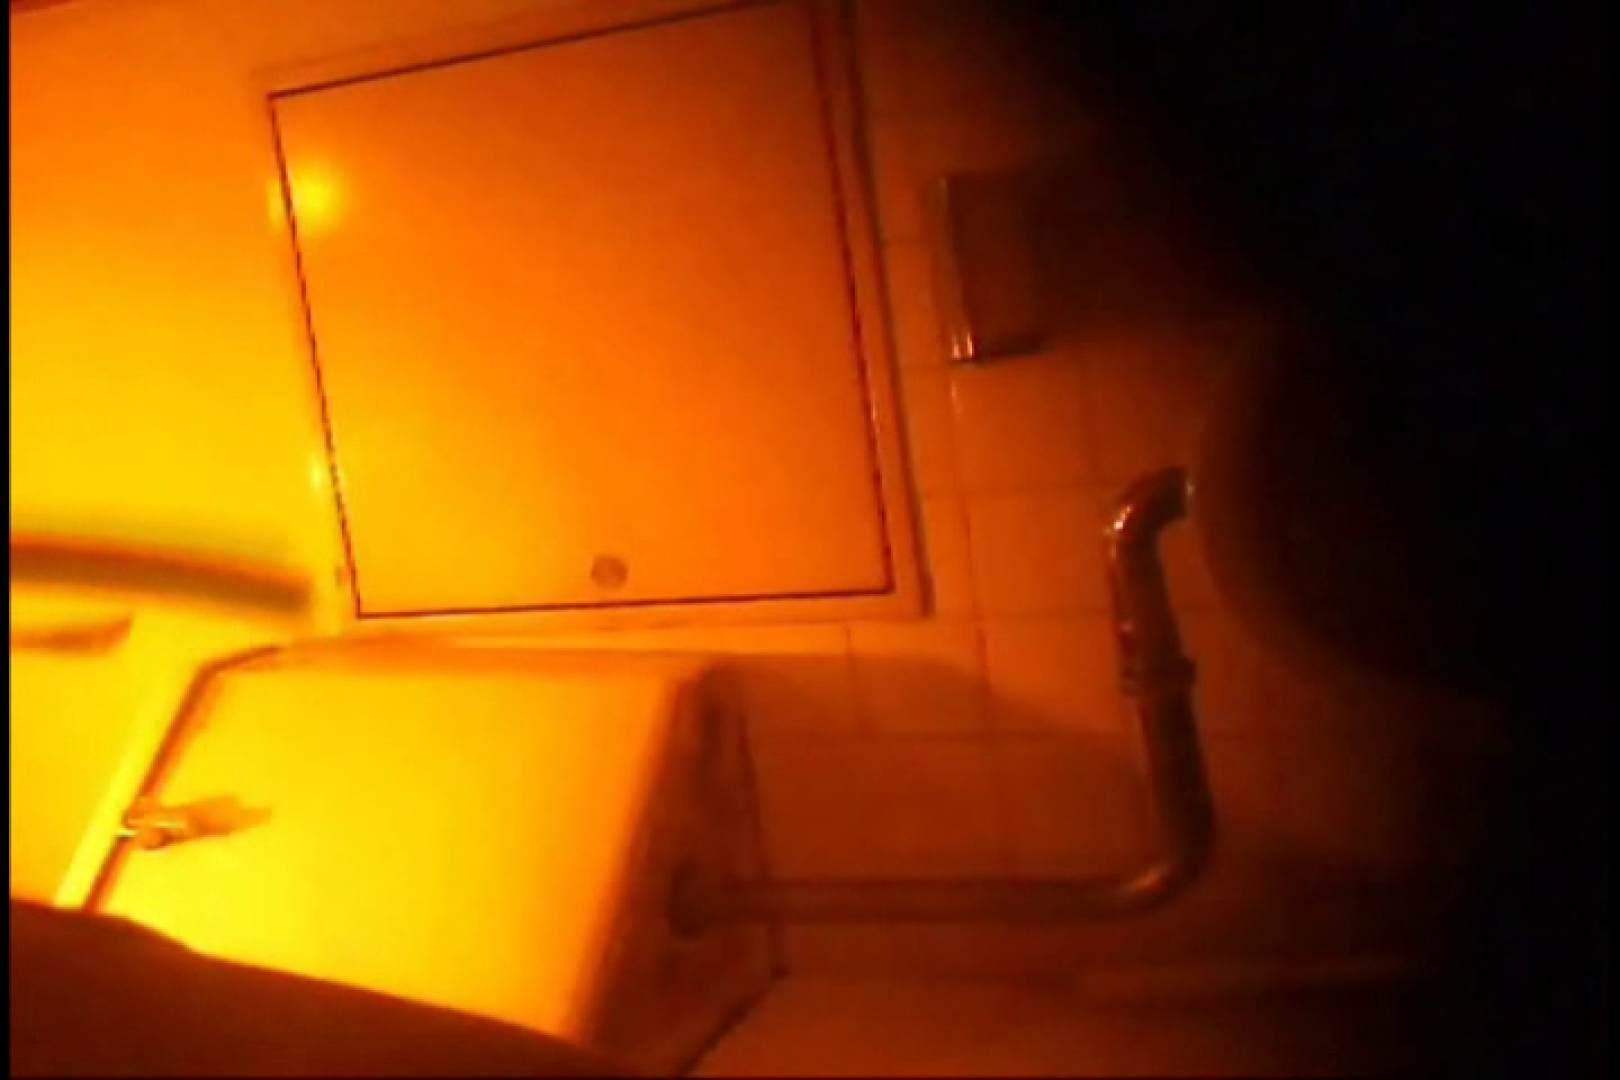 亀さんかわや VIP和式2カメバージョン! vol.04 無修正マンコ 覗きオメコ動画キャプチャ 24PICs 7